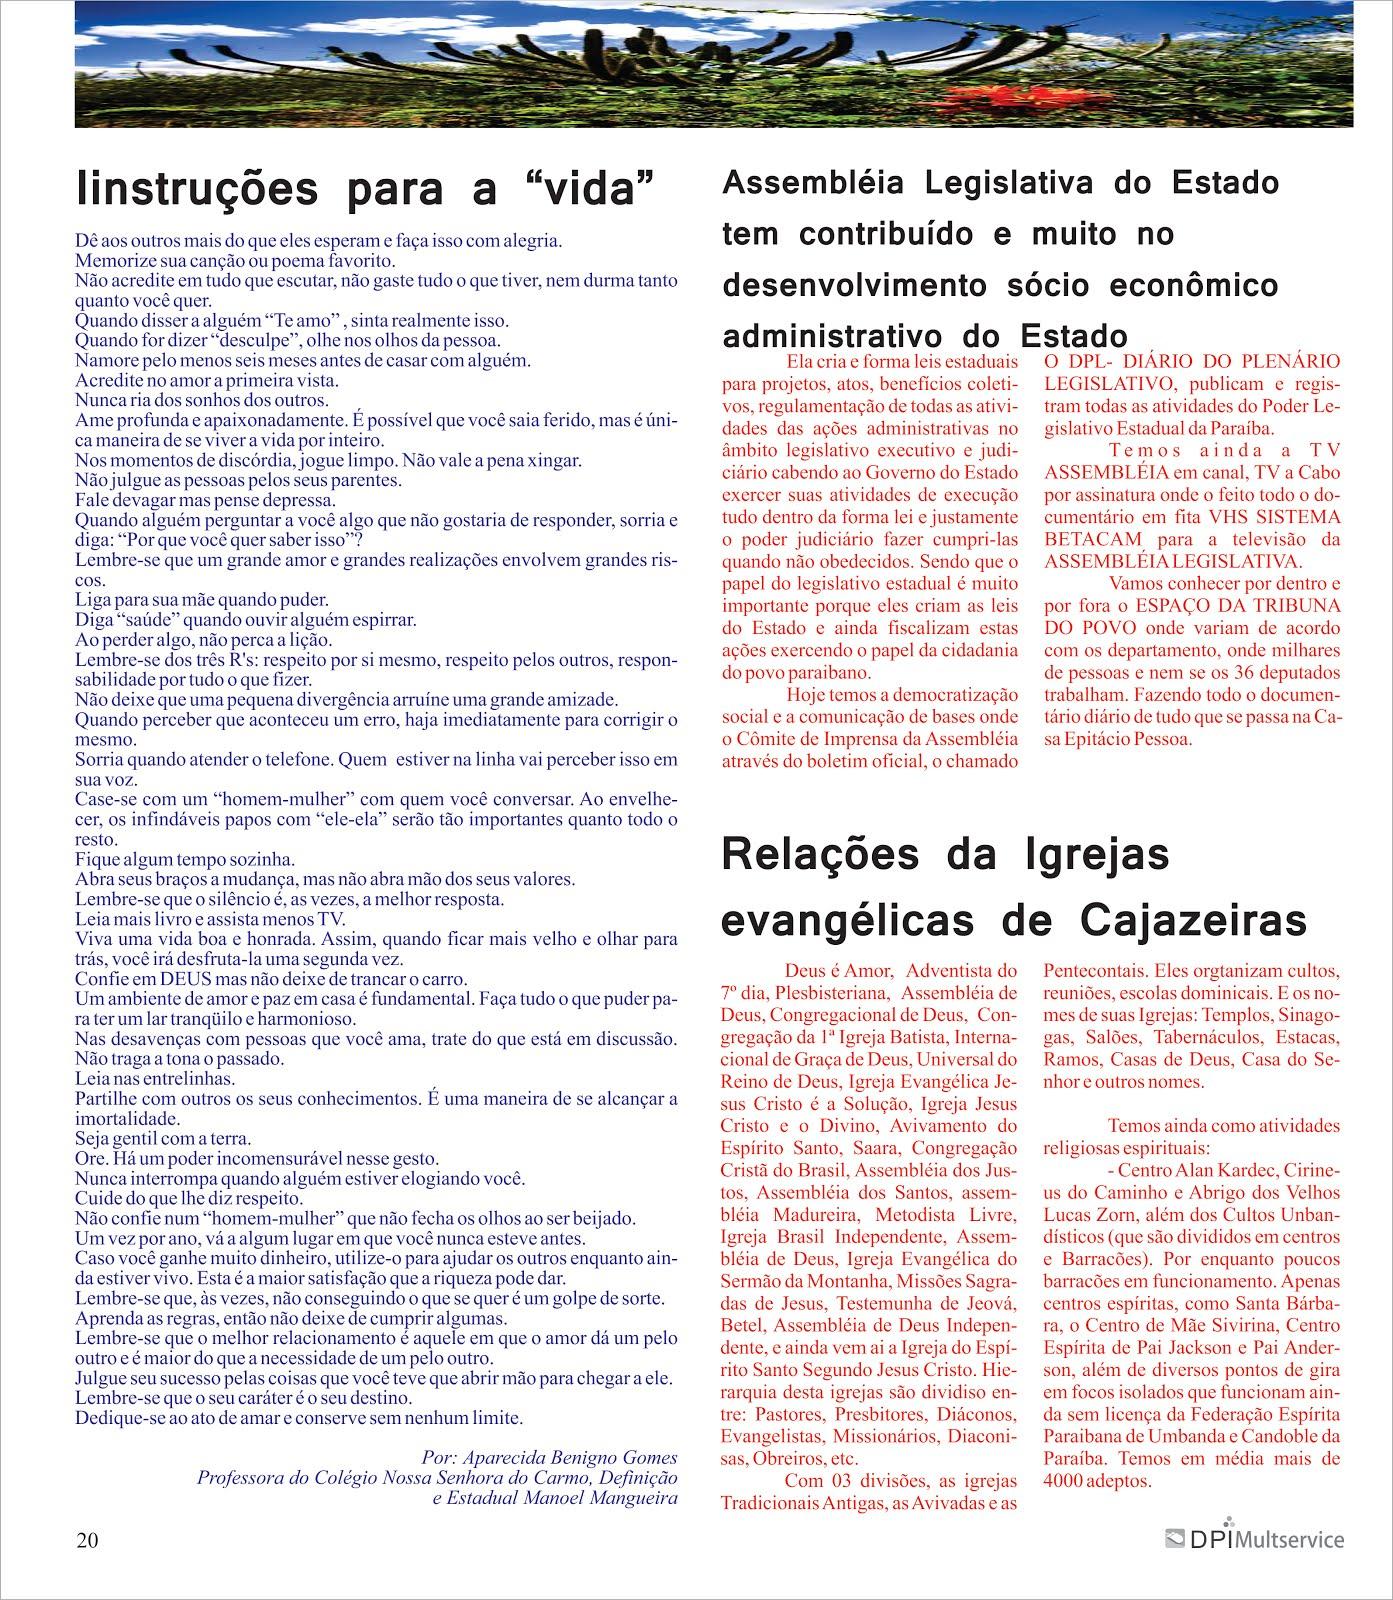 ATIVIDADES  COMUNITÁRIAS DO JORNALISMO ESCRITO MESMO SEM APOIO  DO ESTADO